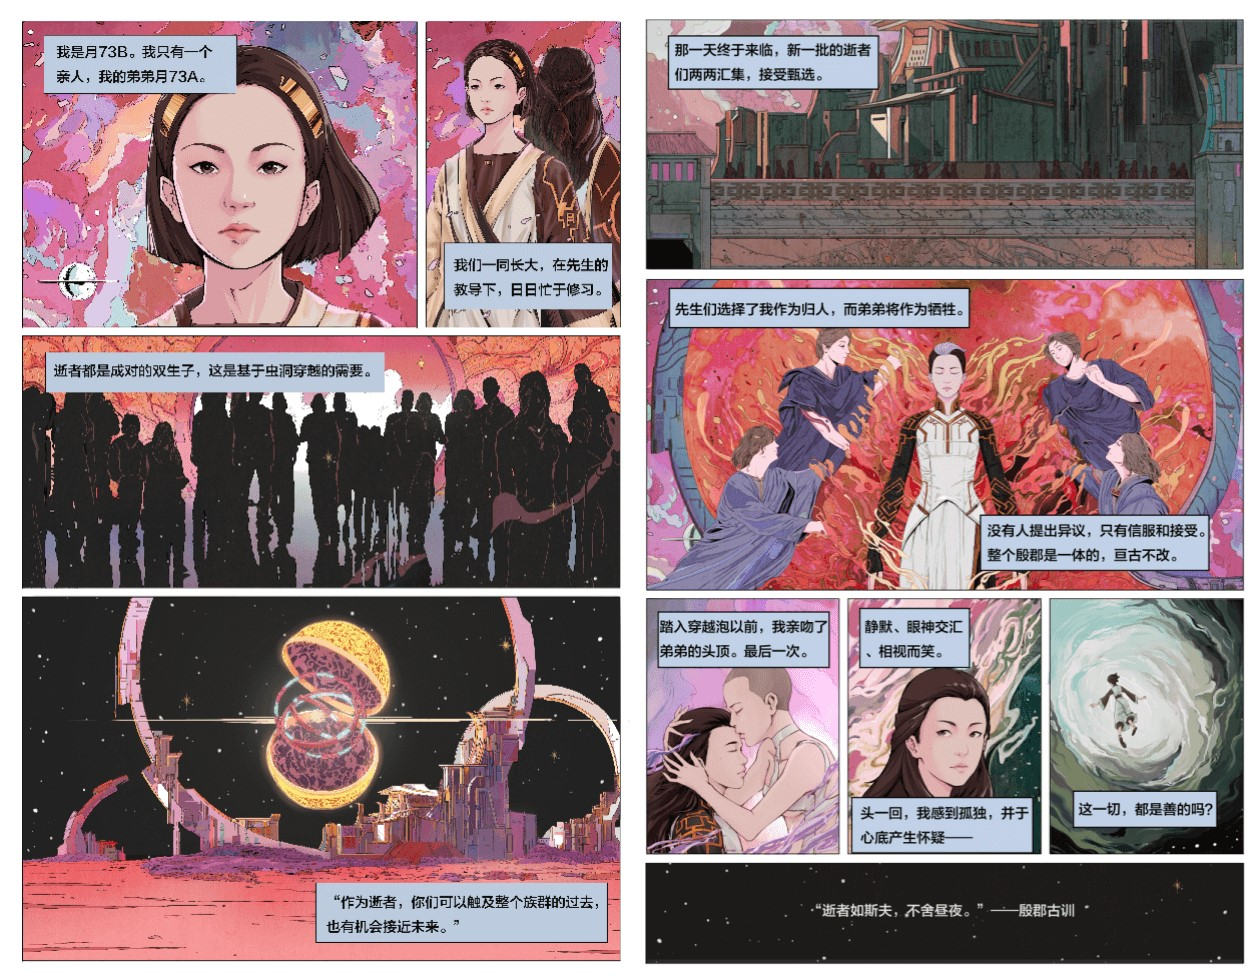 当初音念起古汉语,殷郡主题曲《逝者》背后的故事